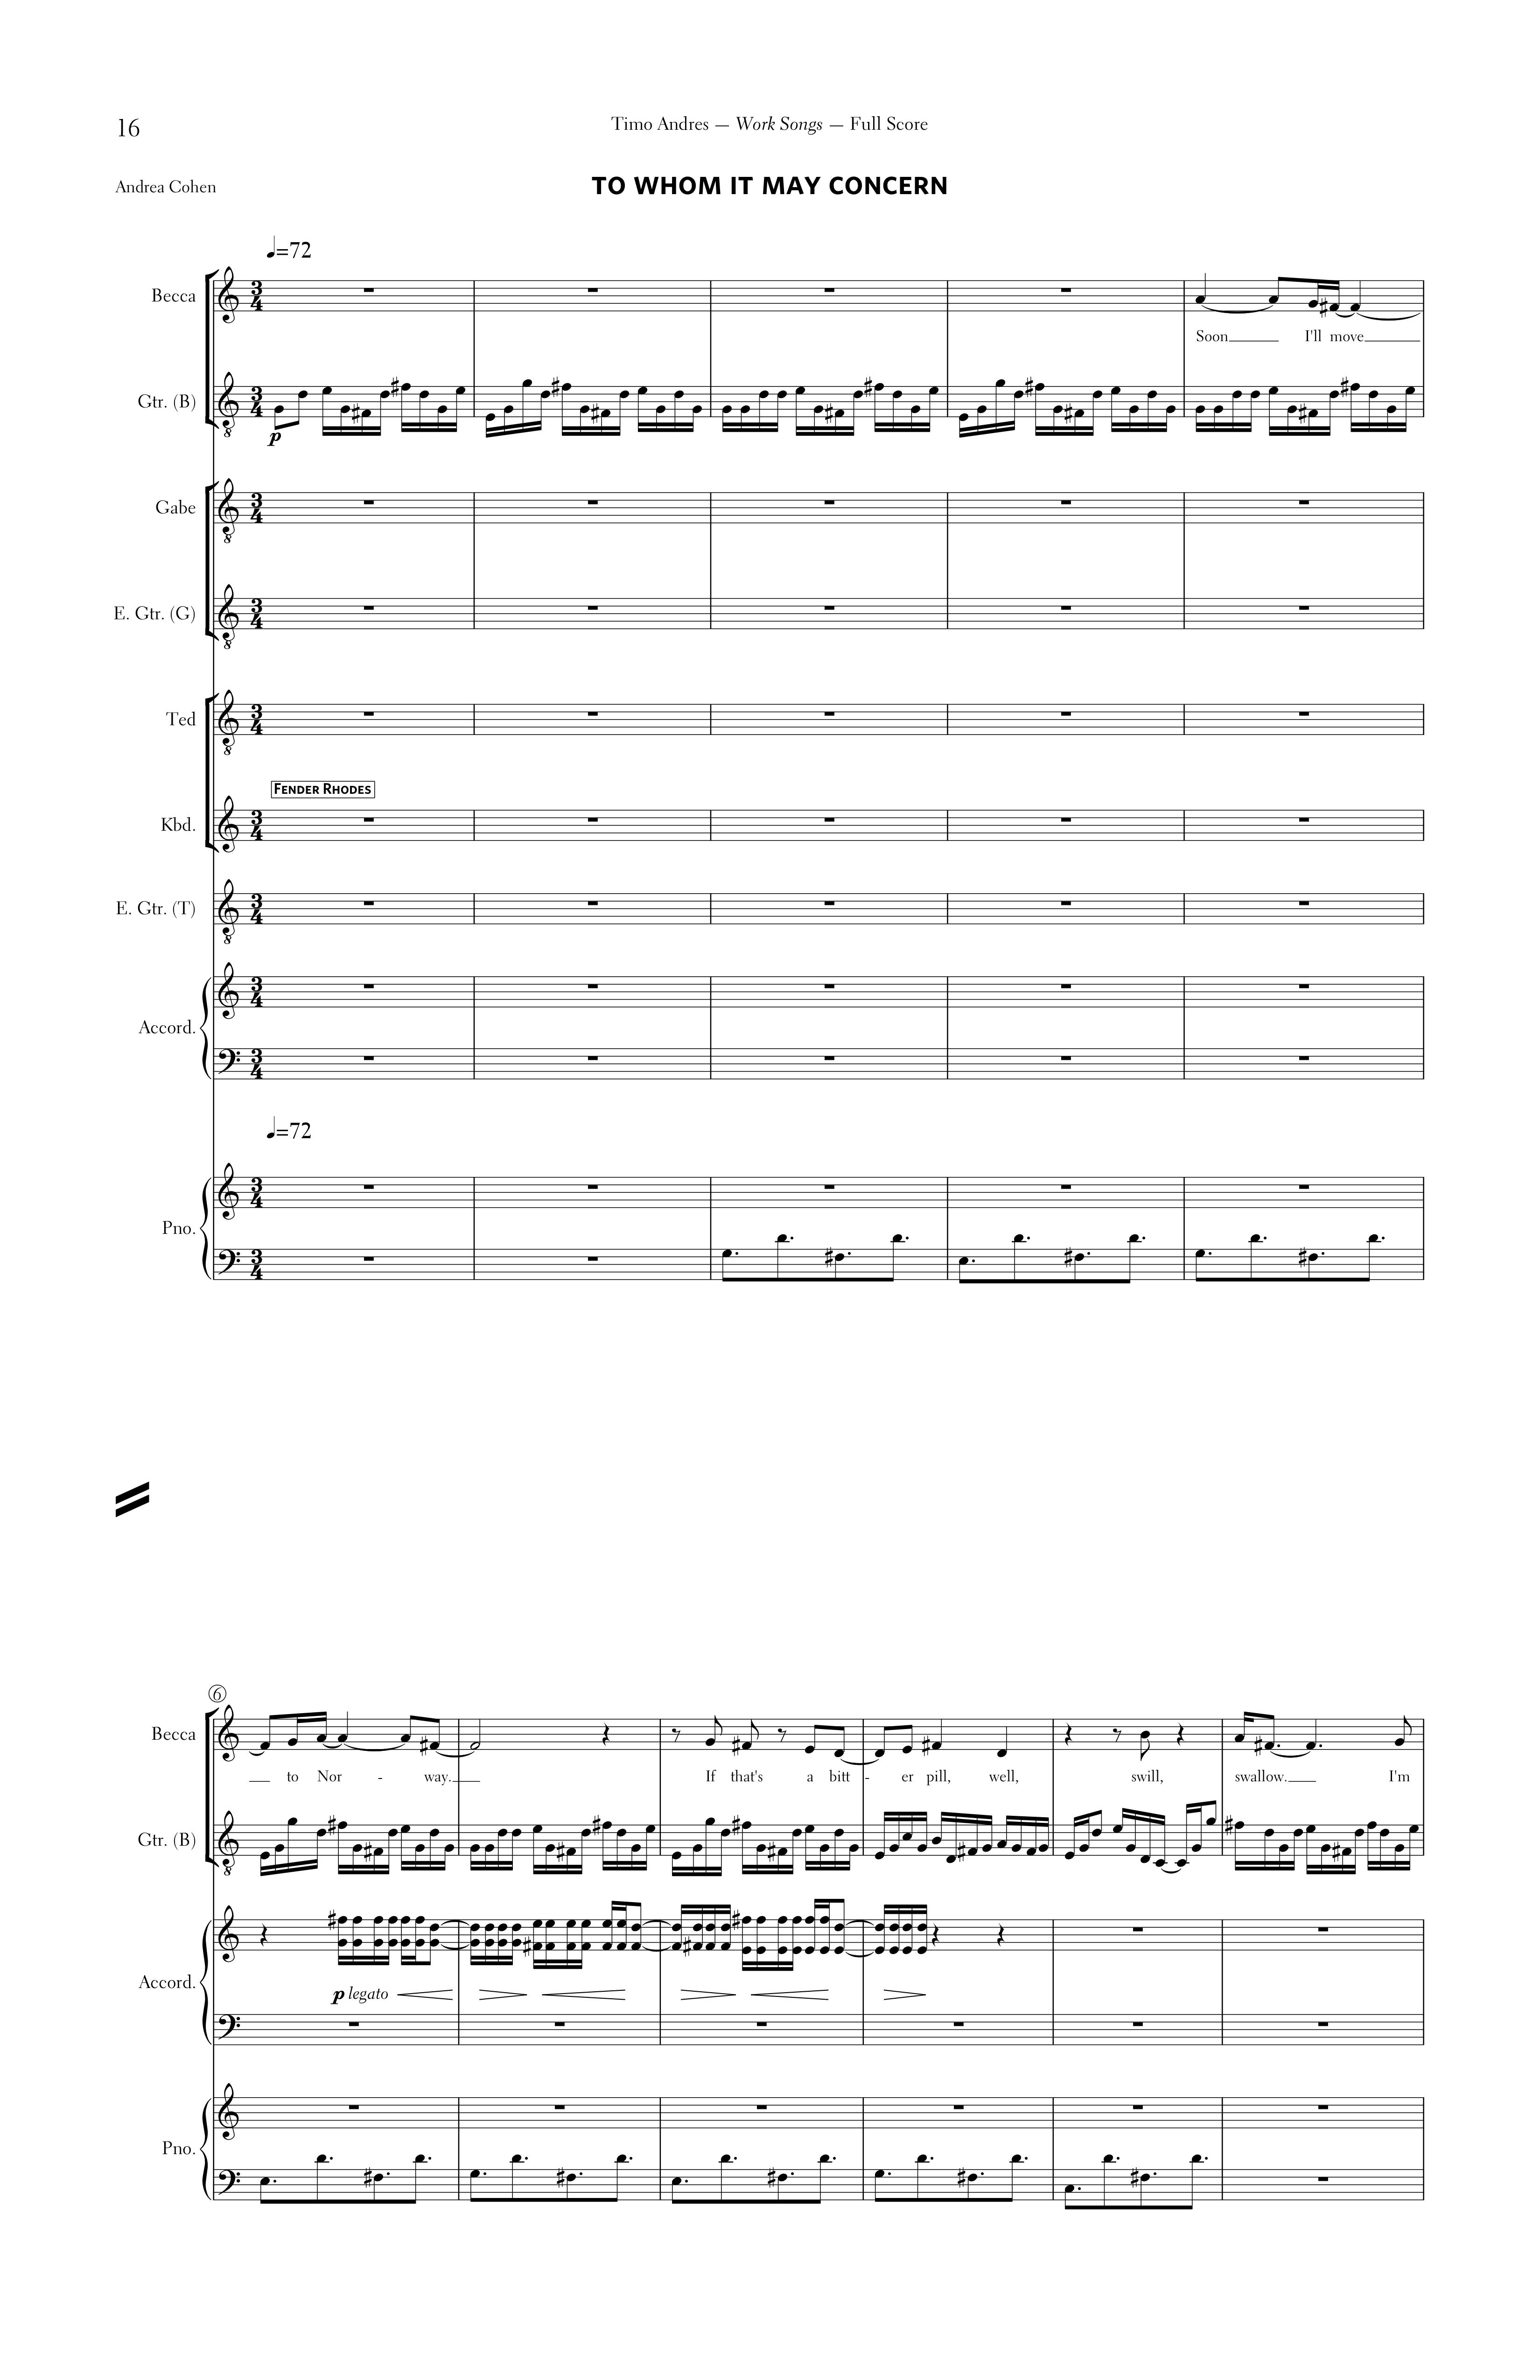 Work Songs, p. 4